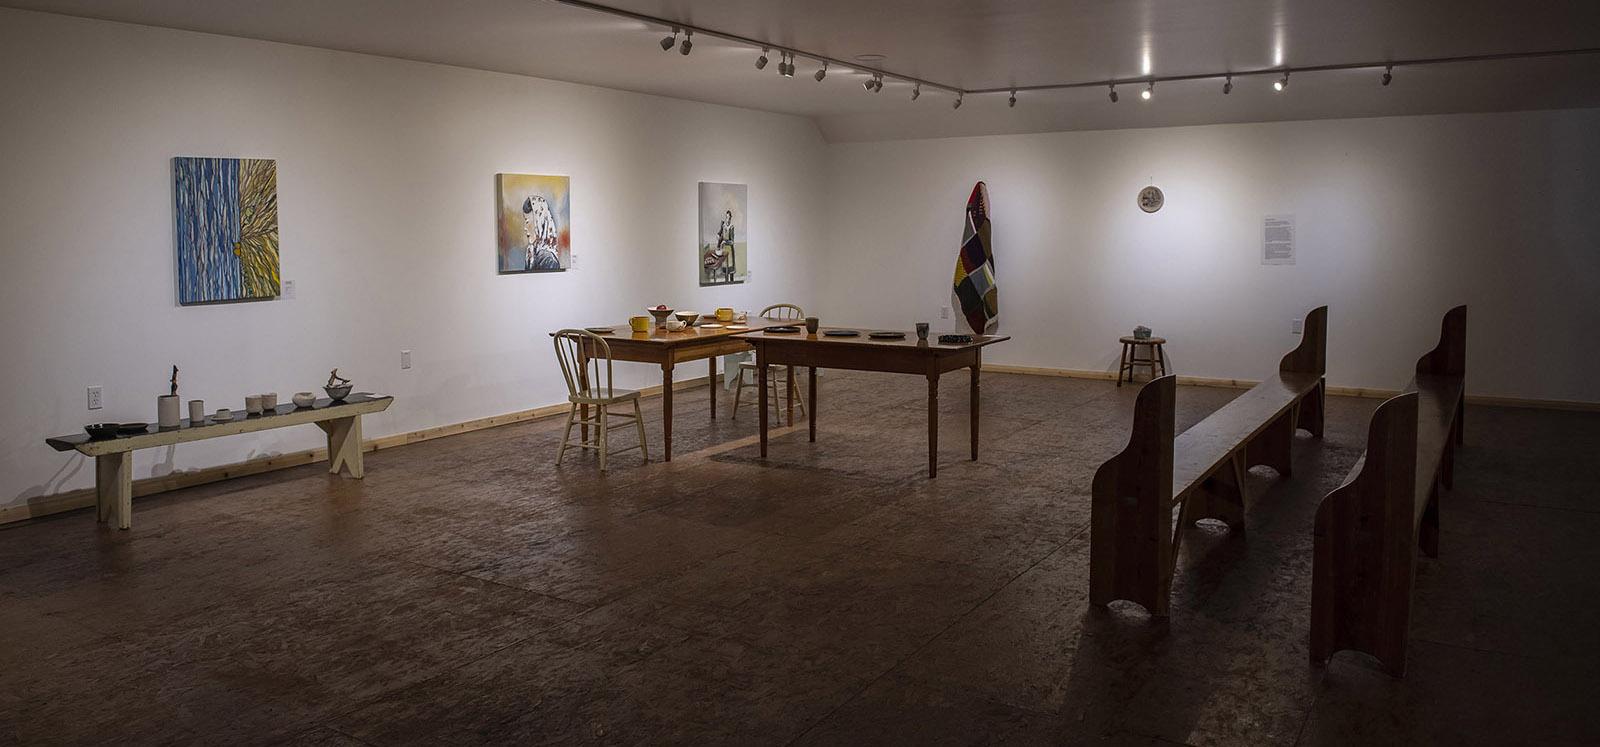 Sororidad exposición museo menonita chihuahua